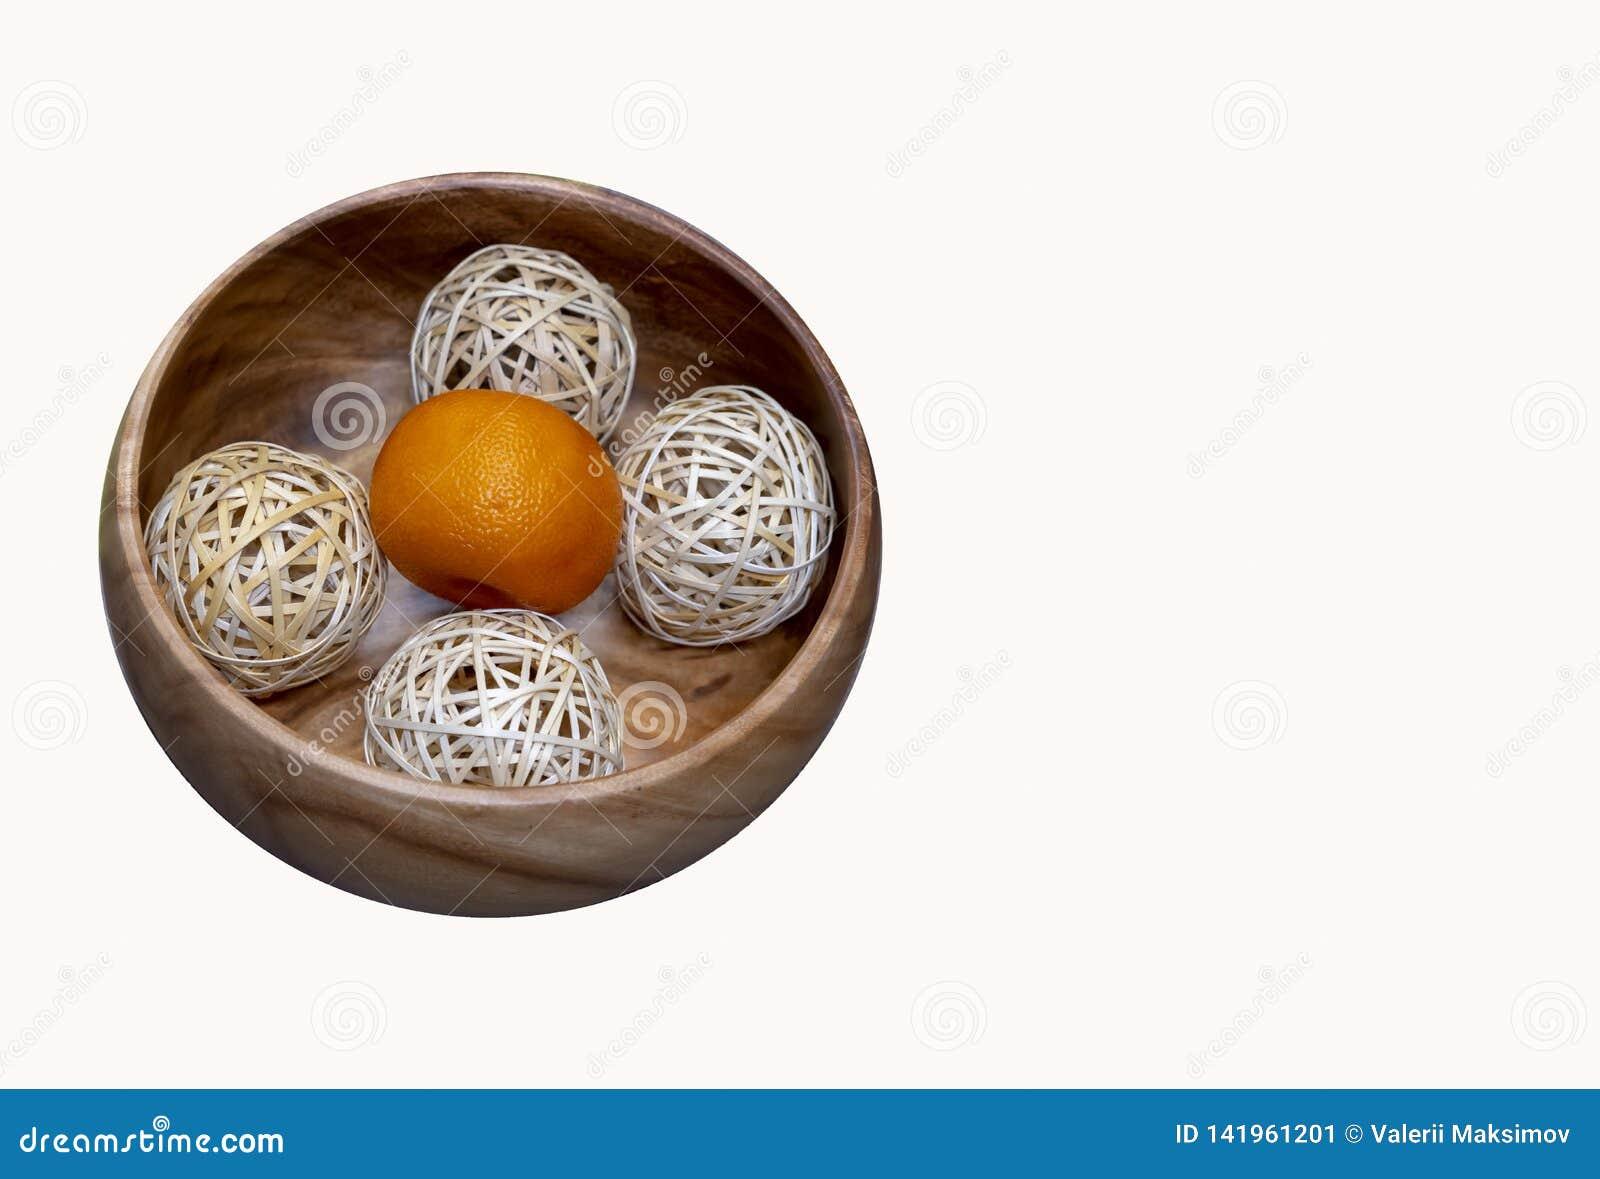 Mandarine mit Bällen in einer hölzernen Platte auf einem weißen Hintergrund